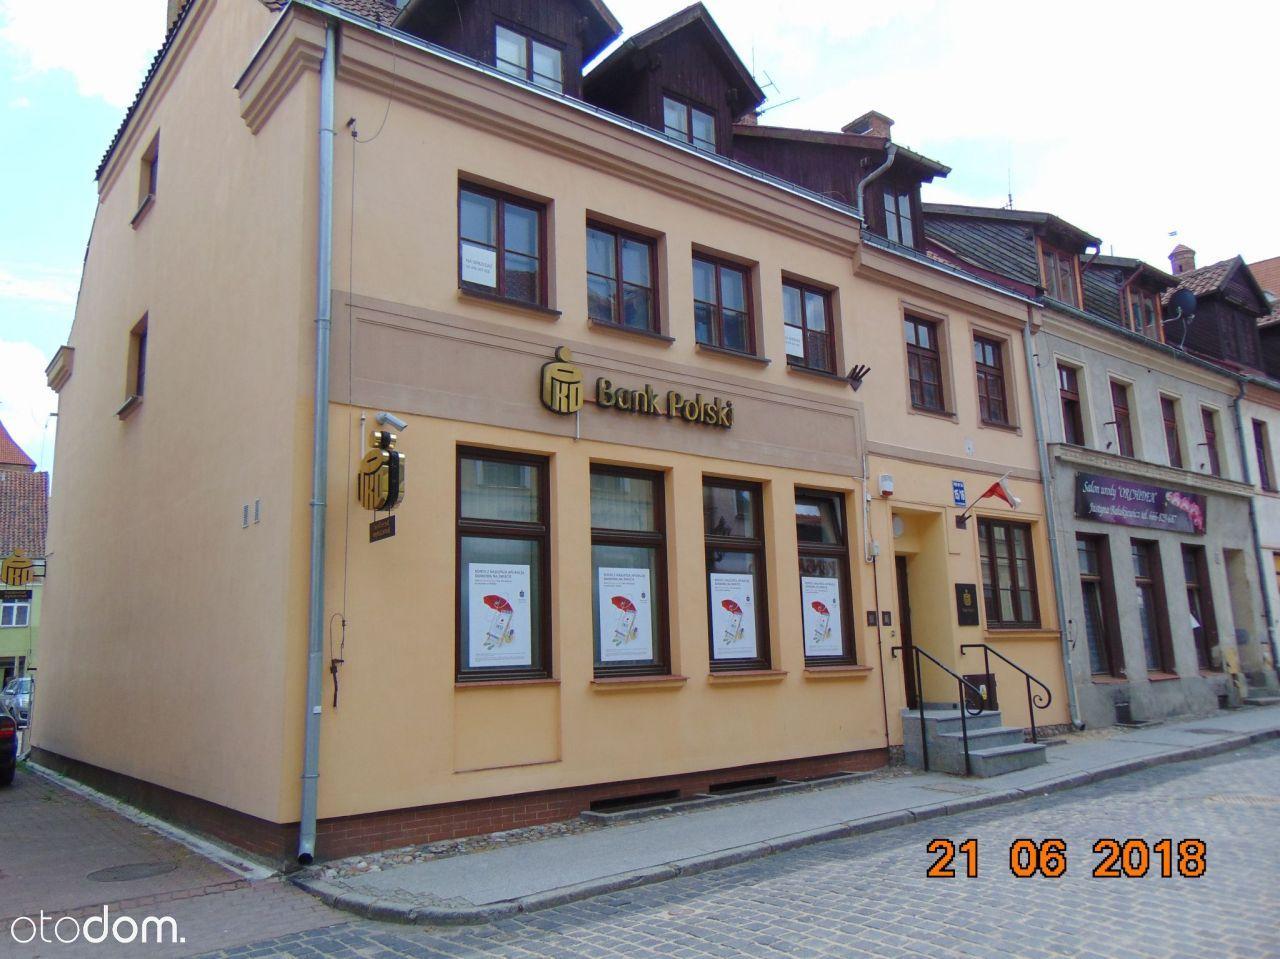 Lokal użytkowy na sprzedaż, Reszel, kętrzyński, warmińsko-mazurskie - Foto 1